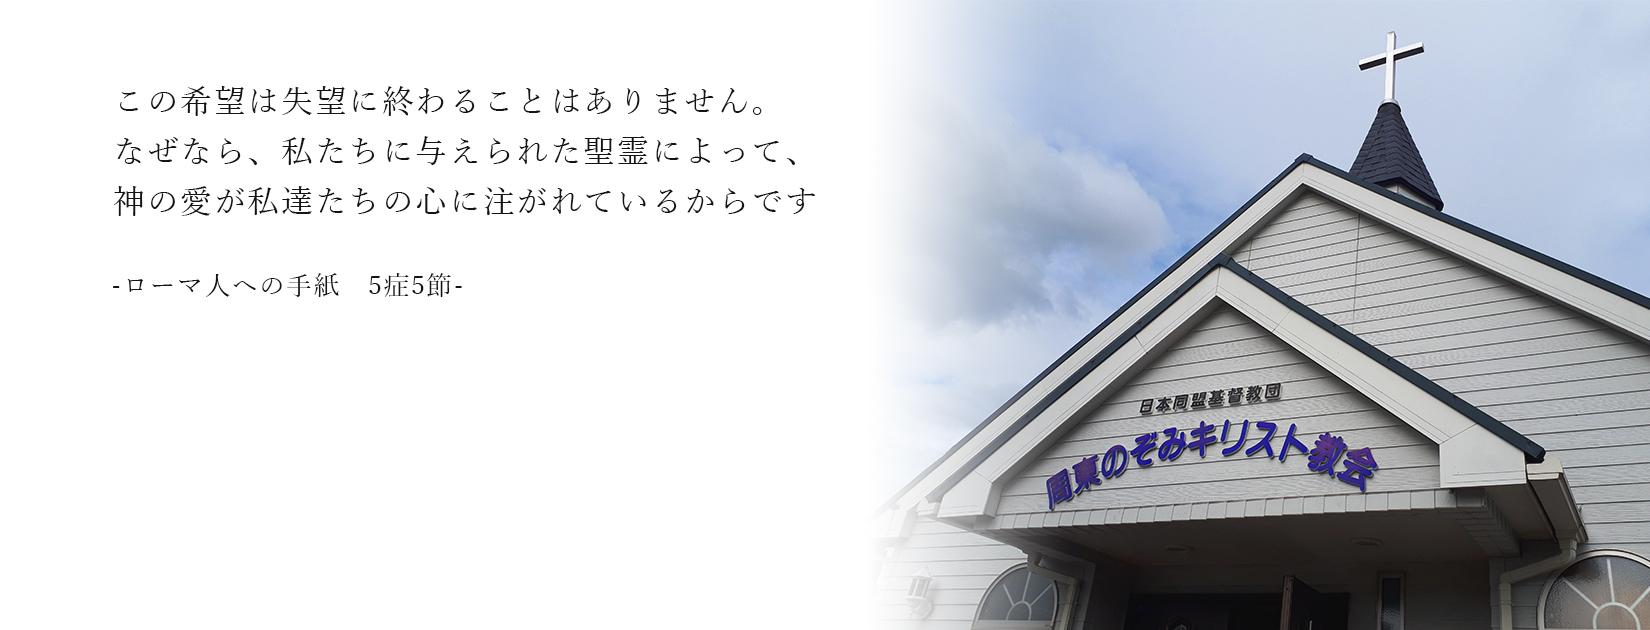 DSC039202019re